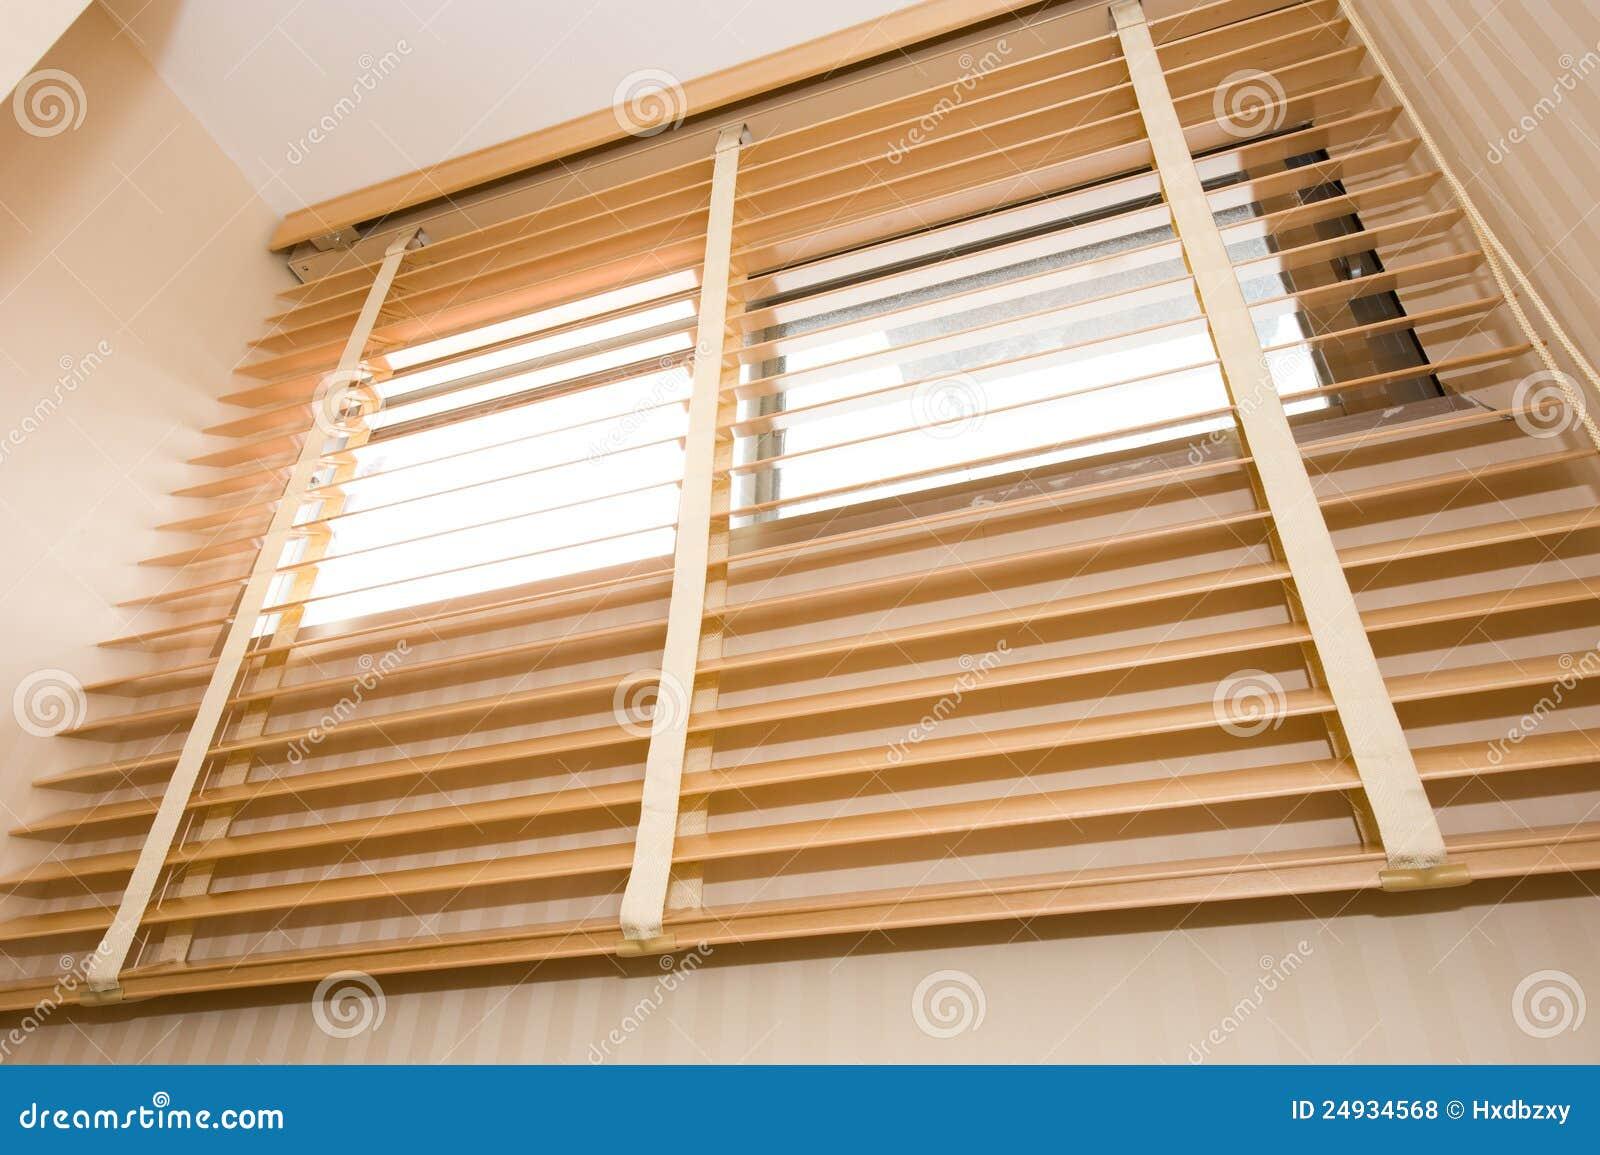 Persianas de madera fotos de archivo libres de regal as - Persianas madera ...